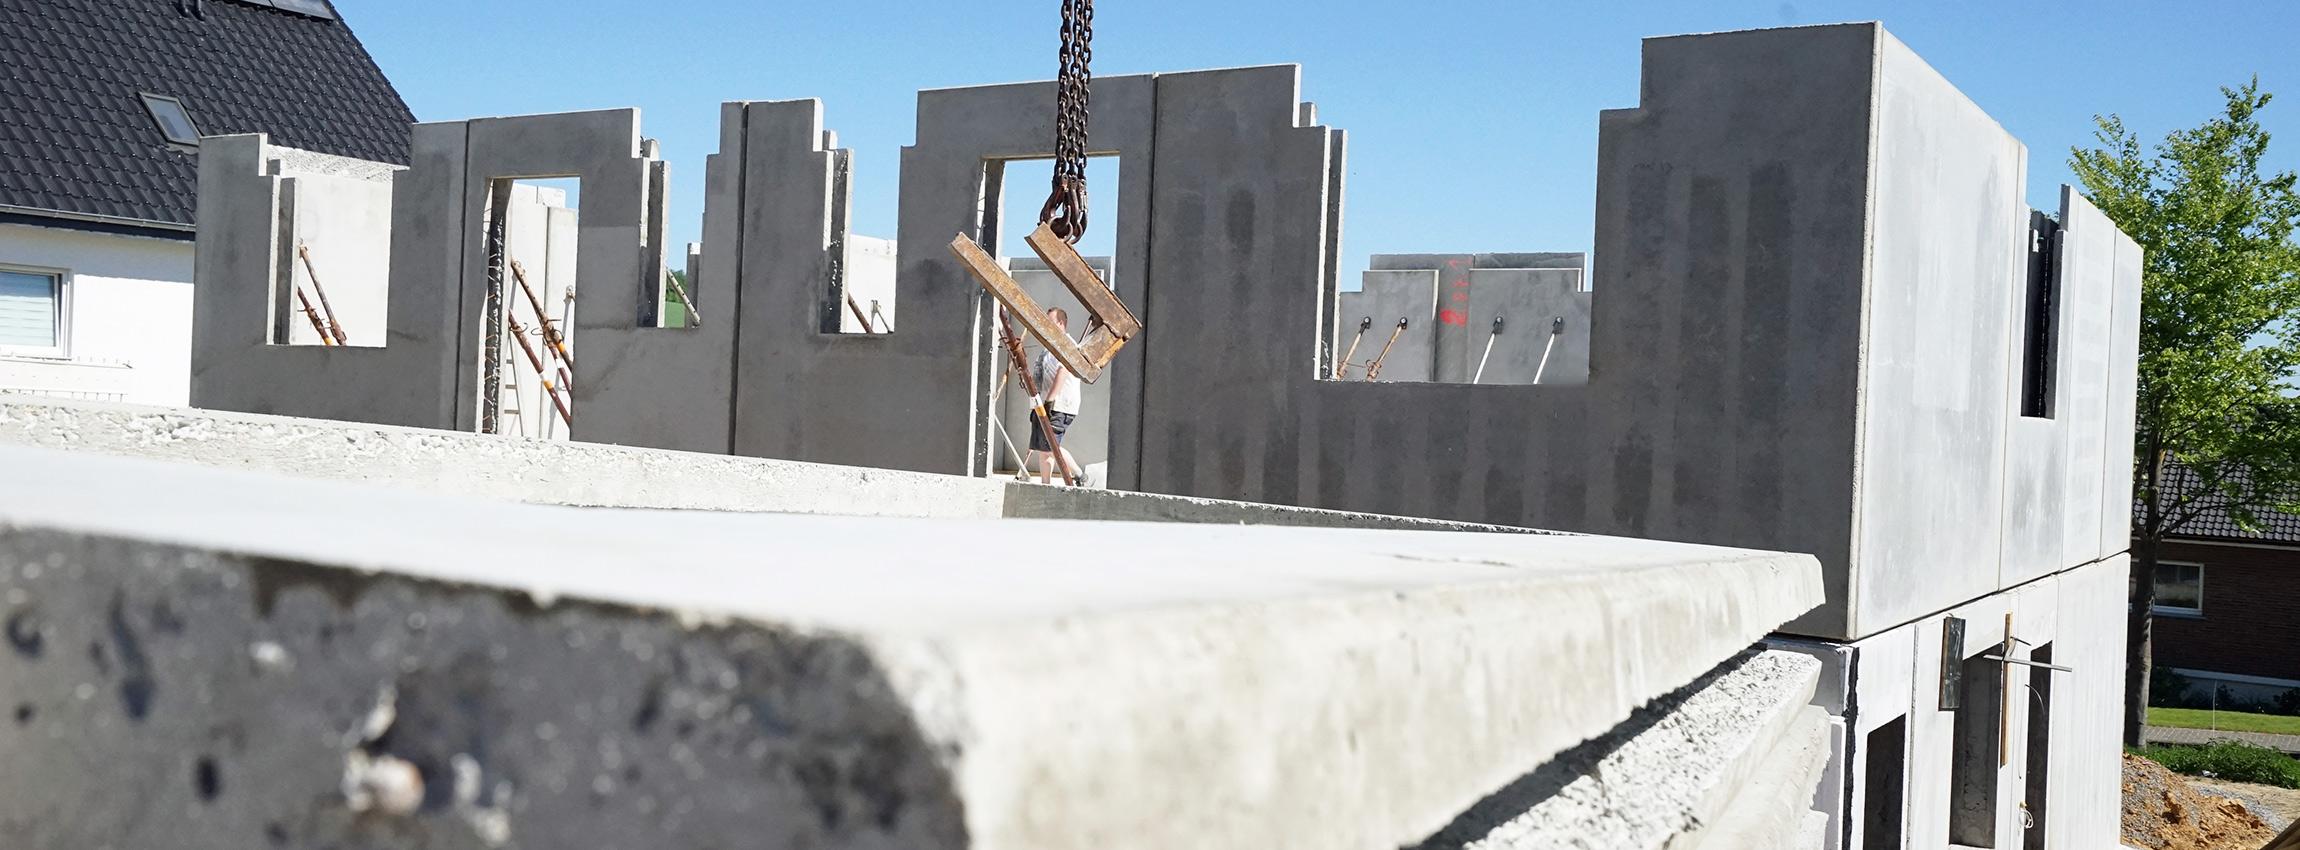 Pauli Betonfertigteile für Häuser und Industriebau